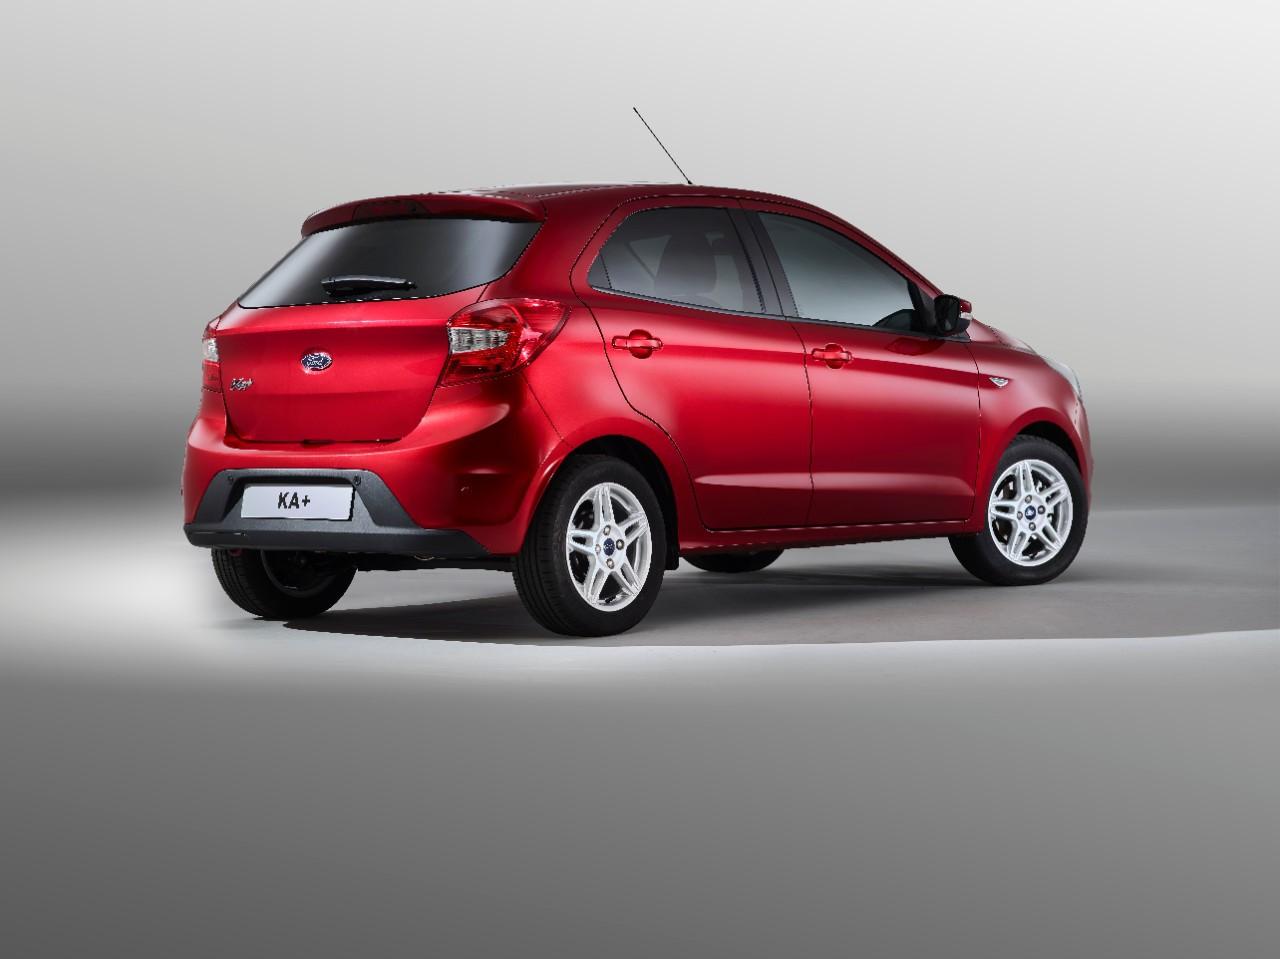 Nuevo Ford Ka +, desde la India a nuestro mercado